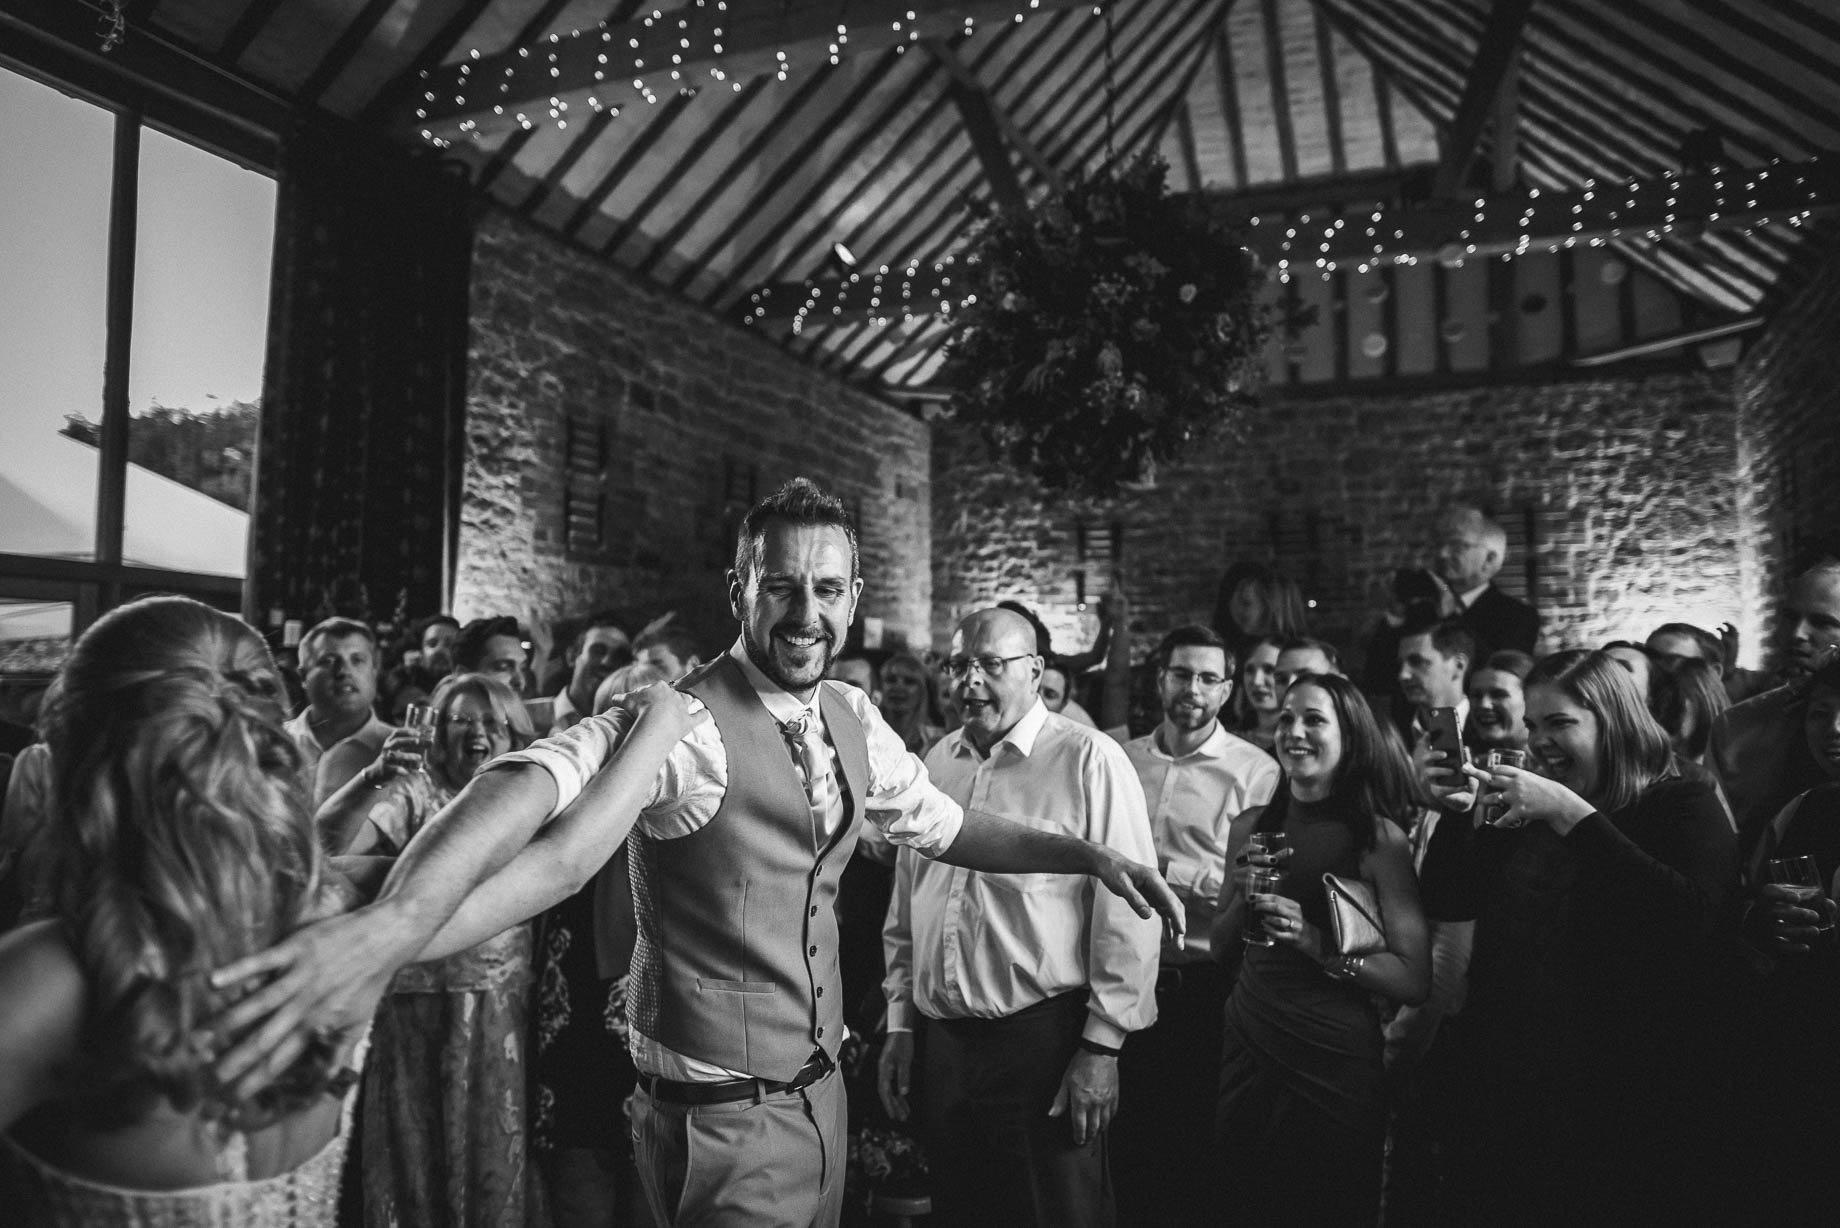 Bartholomew Barns wedding photography - Louise and Spencer (147 of 151)